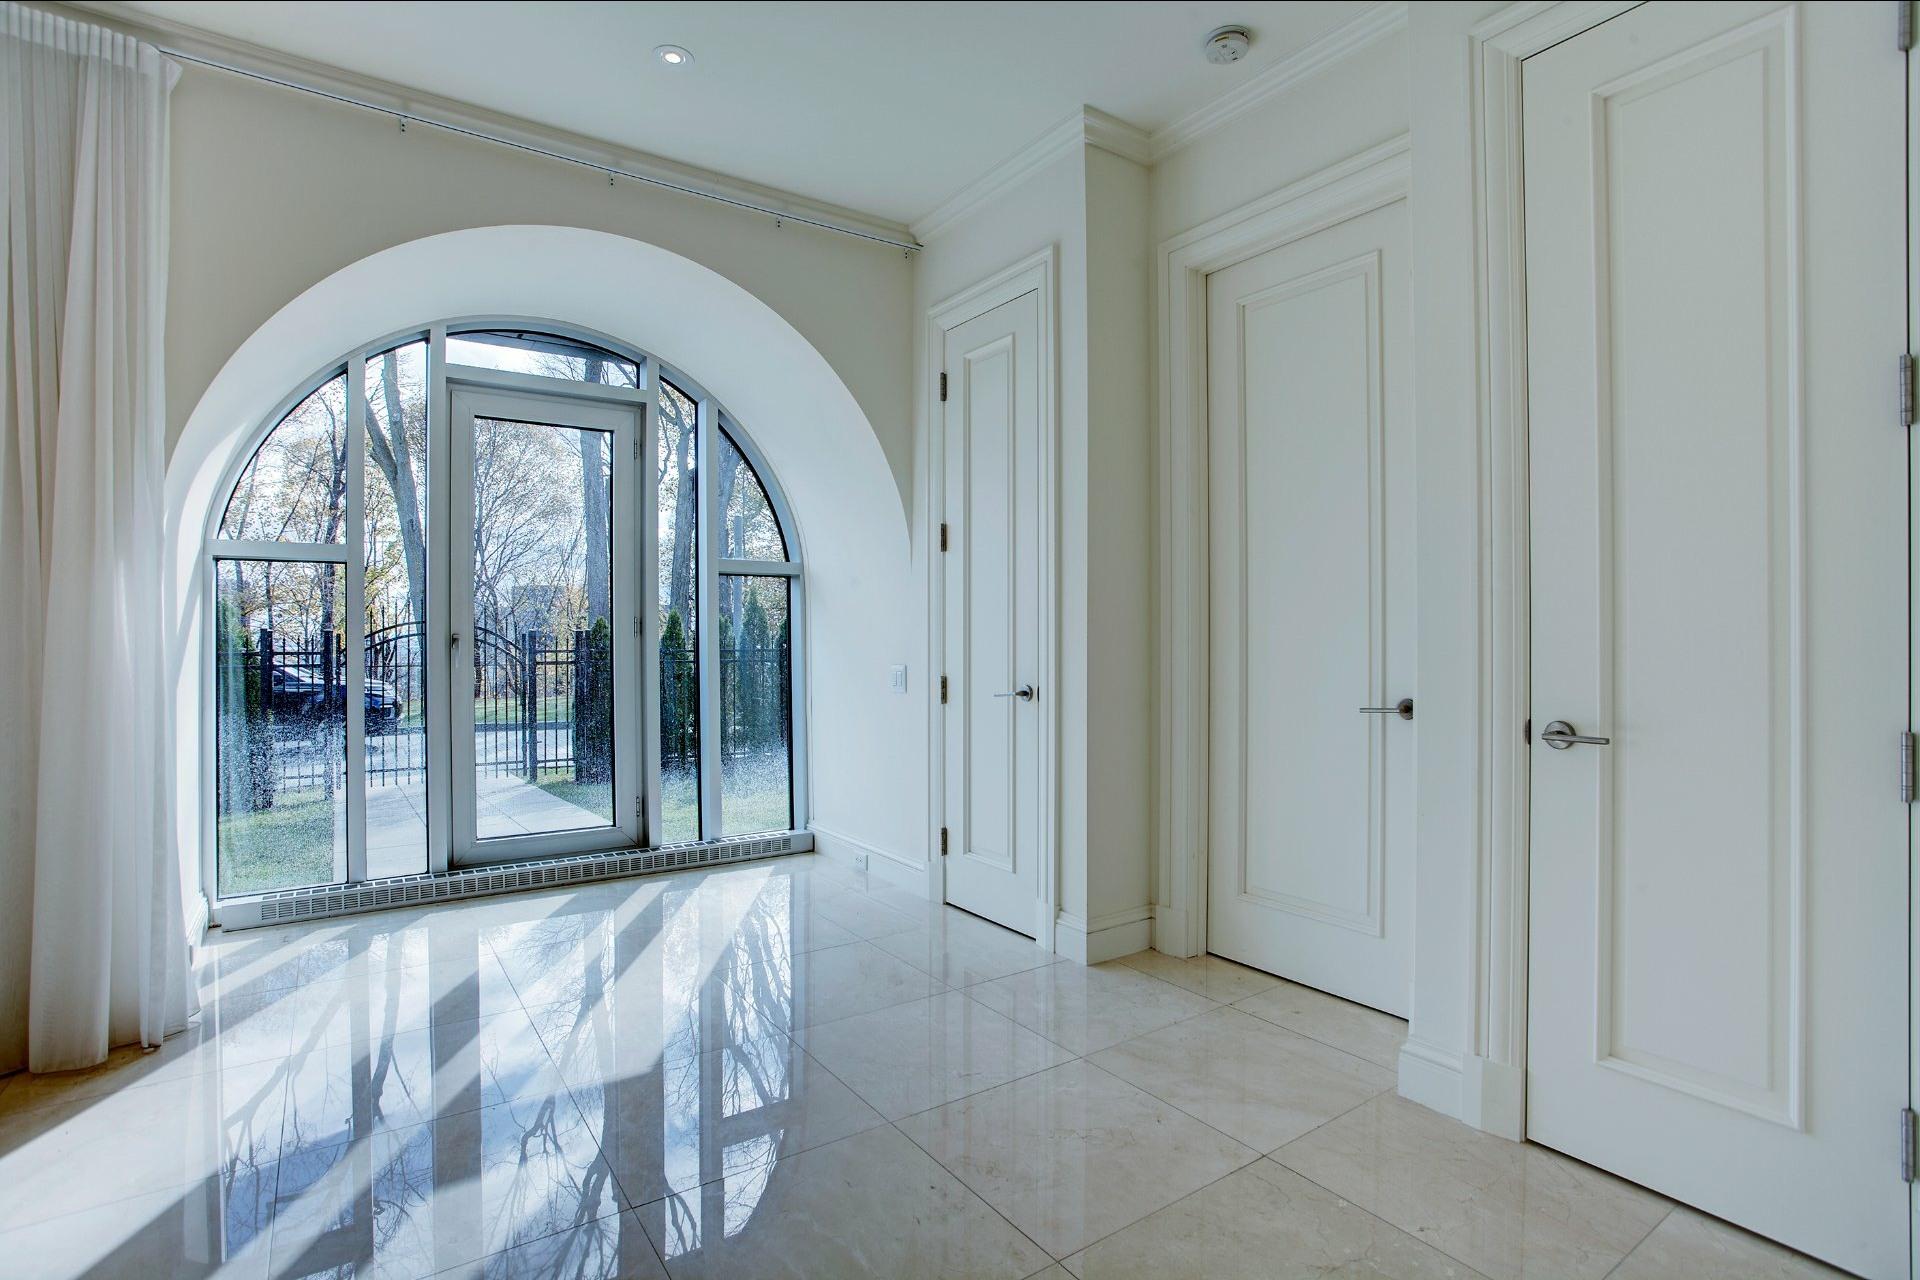 image 9 - Apartment For sale Montréal Ville-Marie  - 4 rooms